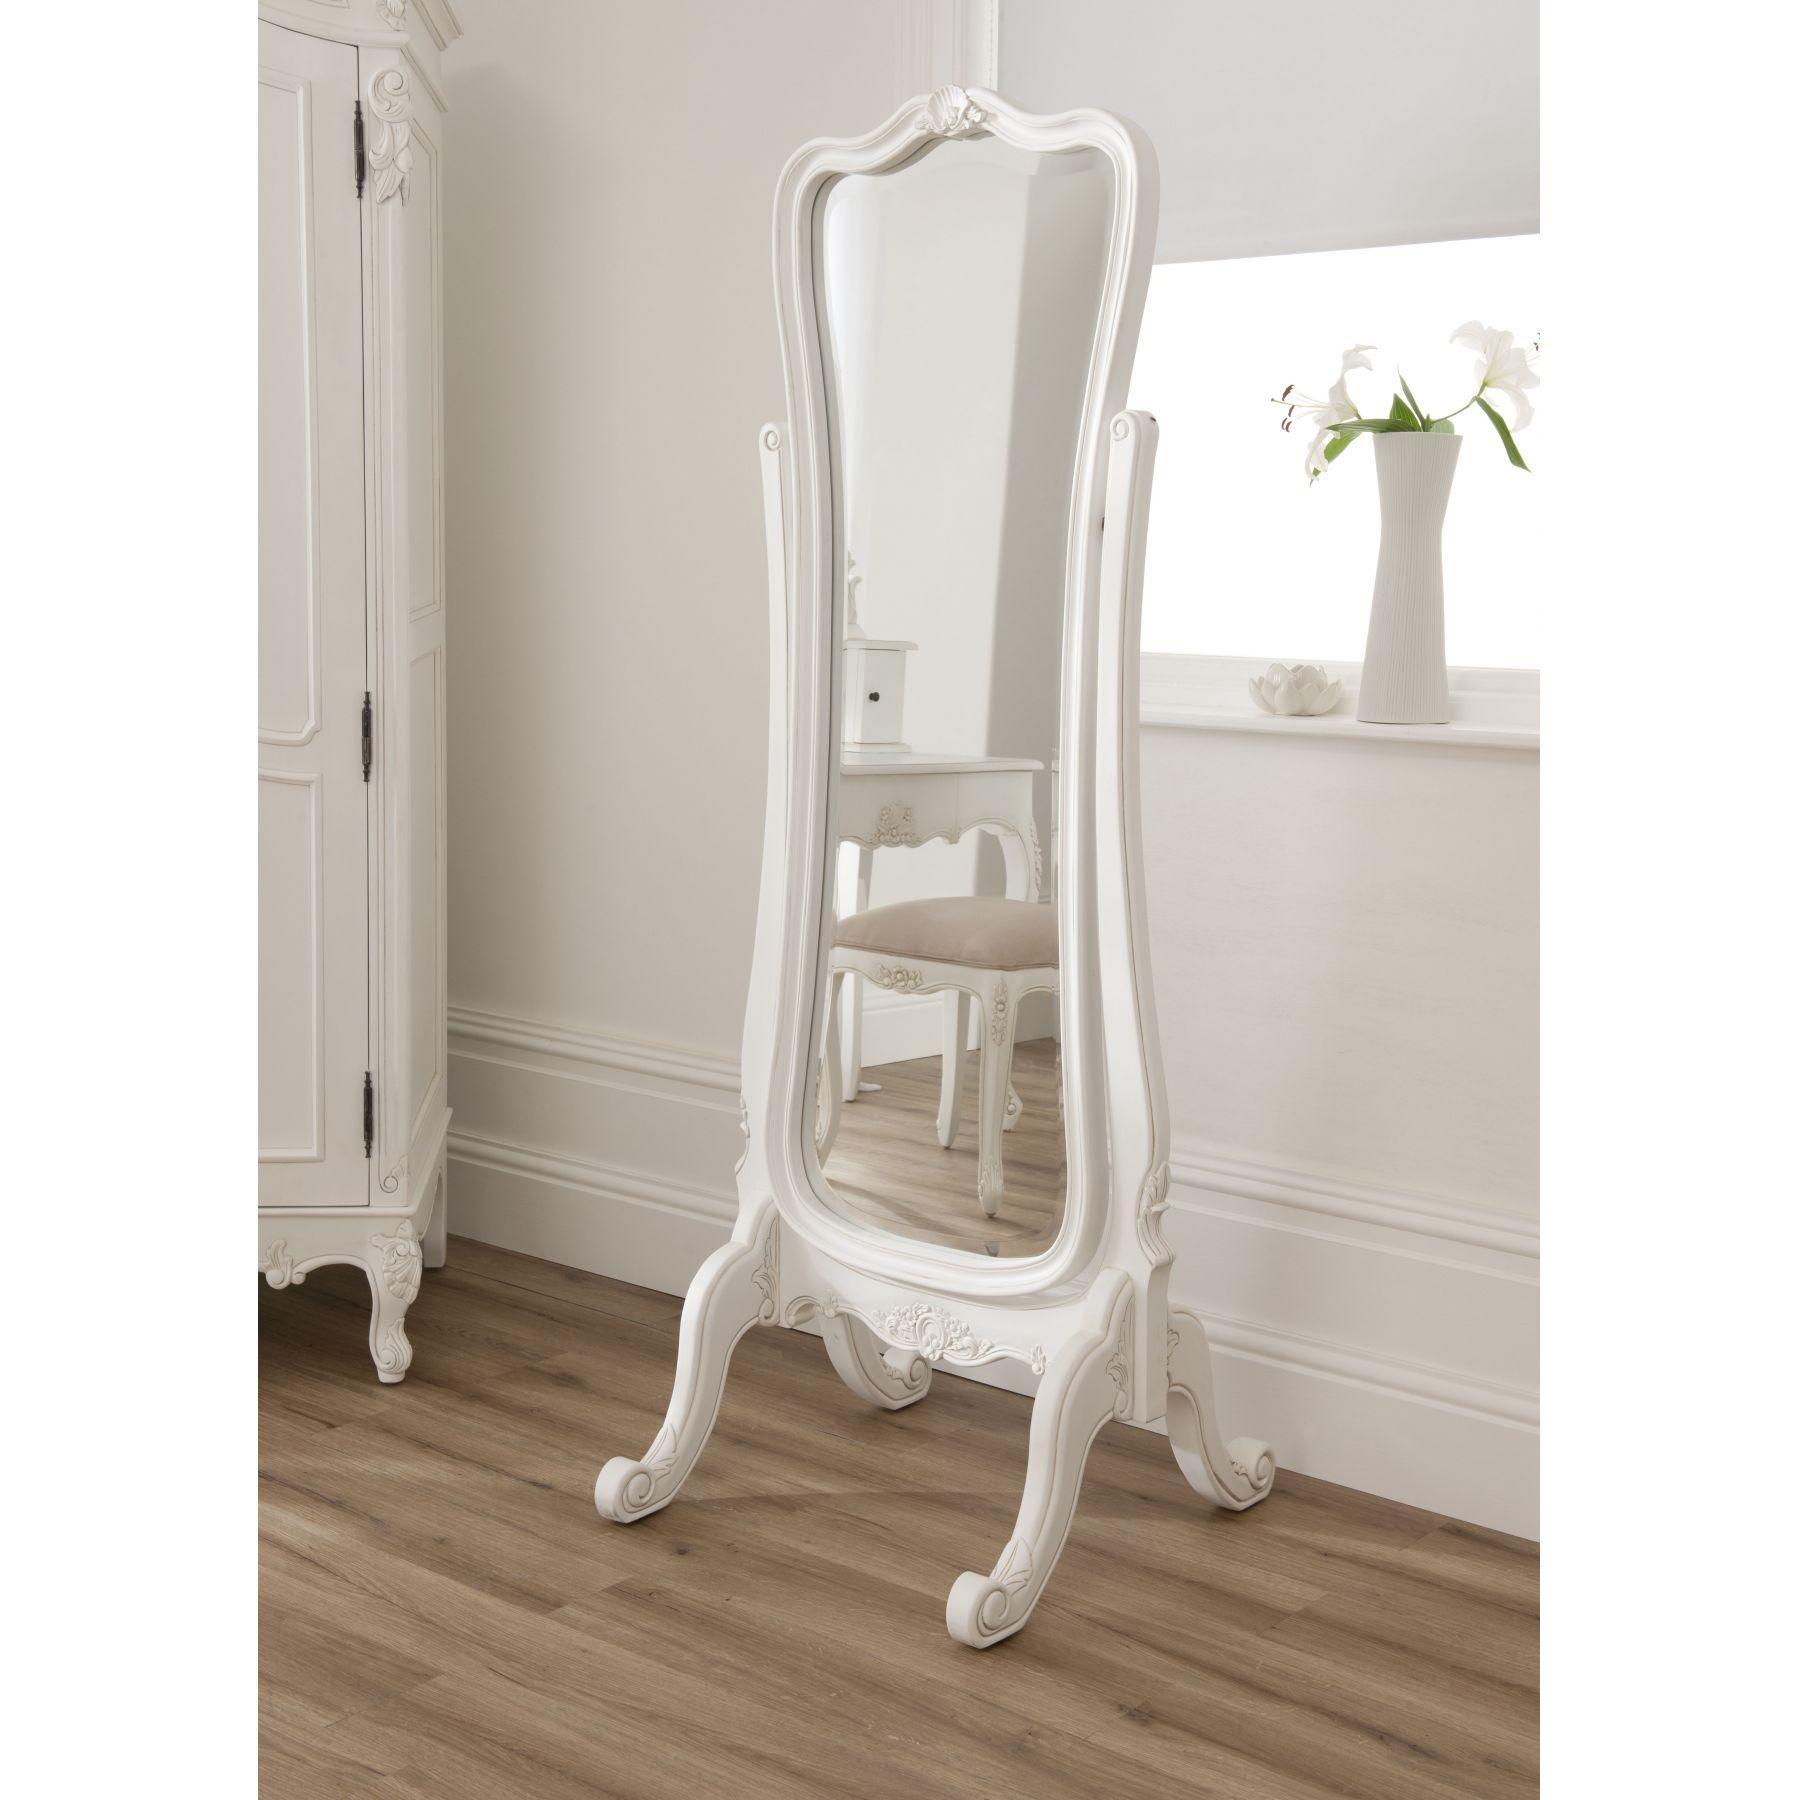 Antique Floor Mirror With Stand | Floor Decoration In Cream Floor Standing Mirror (View 14 of 20)